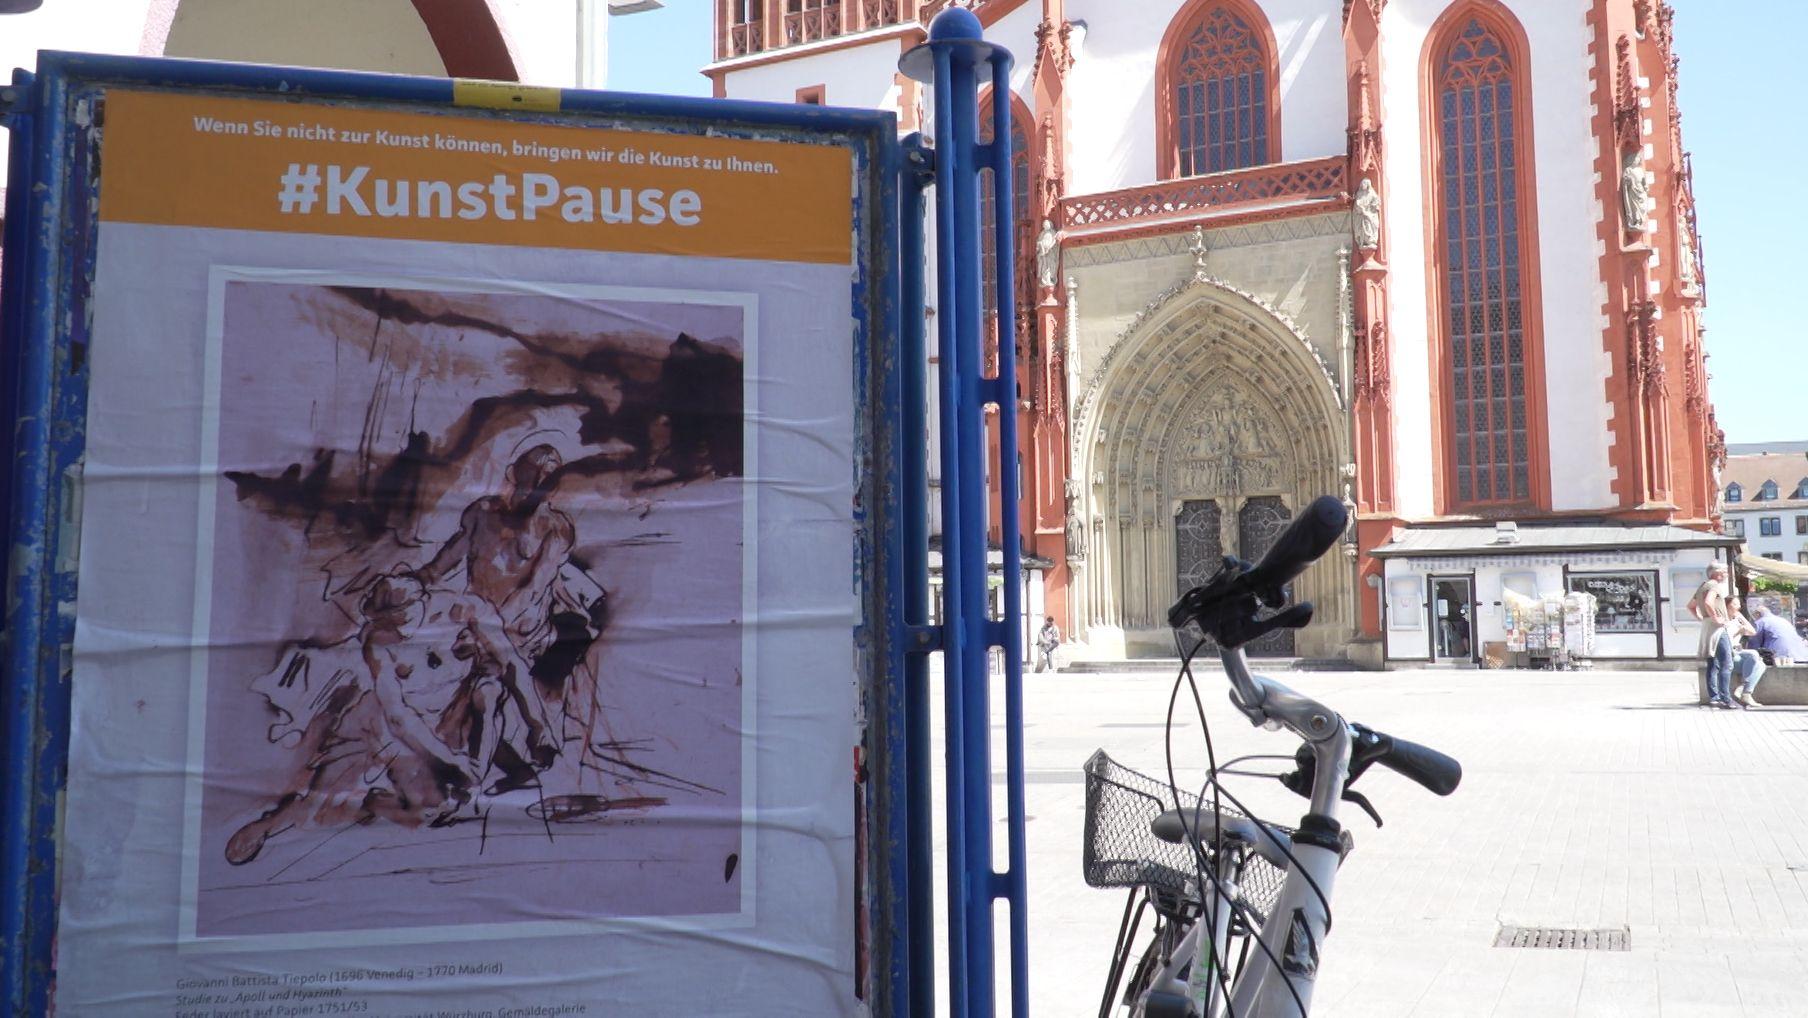 Plakat zeigt ein Gemälde aus einem der Würzburger Museen